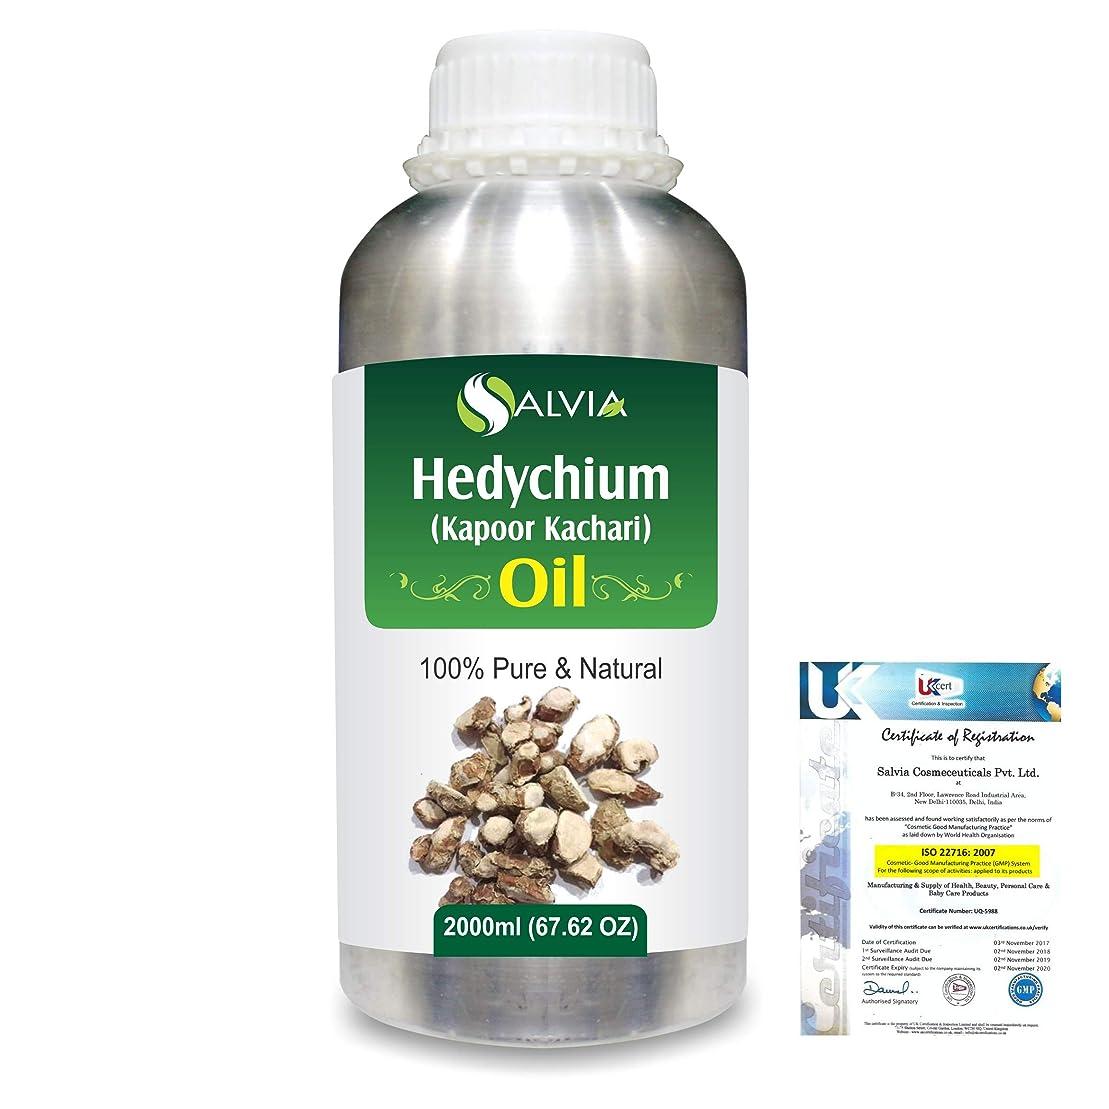 チチカカ湖平和宇宙船Hedychium (Kapoor Kachari) 100% Natural Pure Essential Oil 2000ml/67 fl.oz.